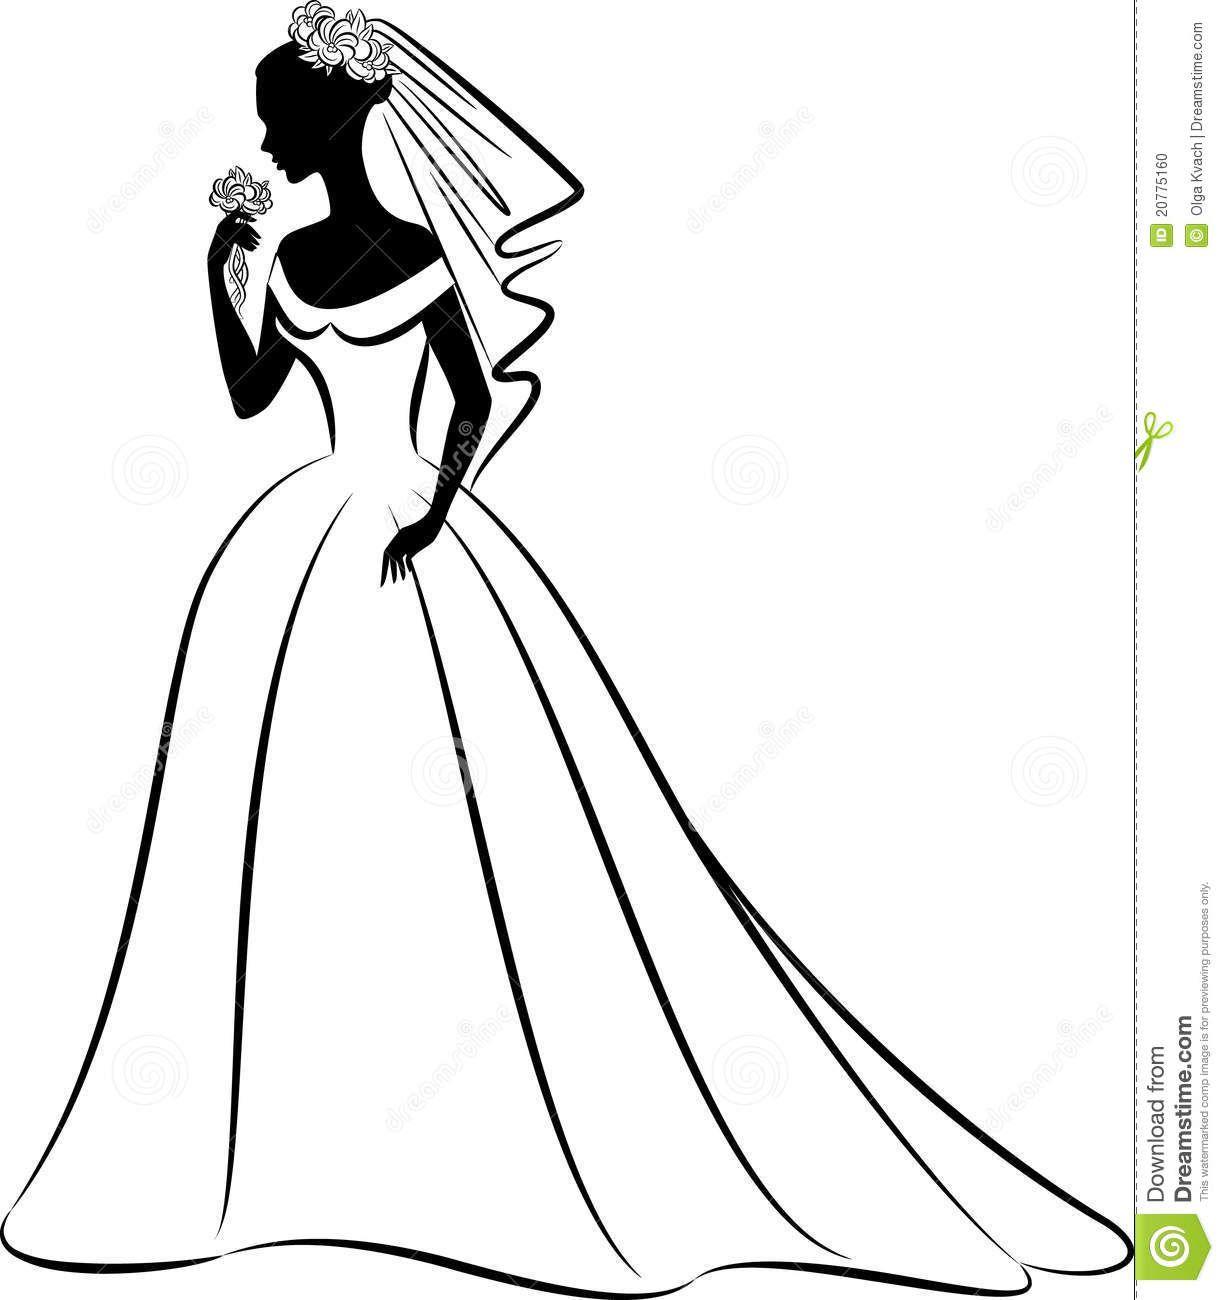 Bridal clip art.